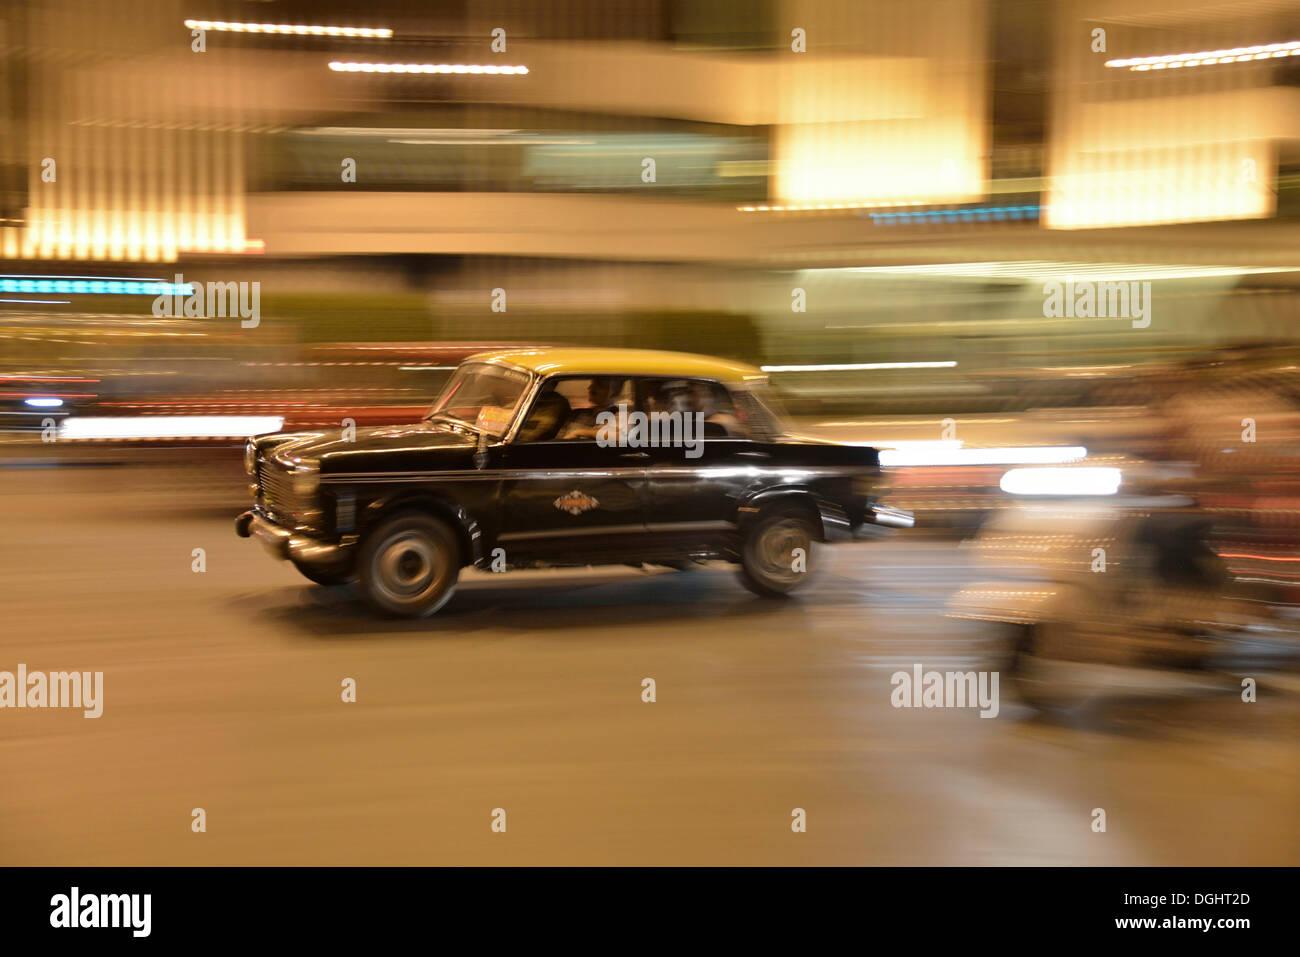 Taxi en mouvement sur une rue la nuit, Mumbai, Maharashtra, Inde Photo Stock